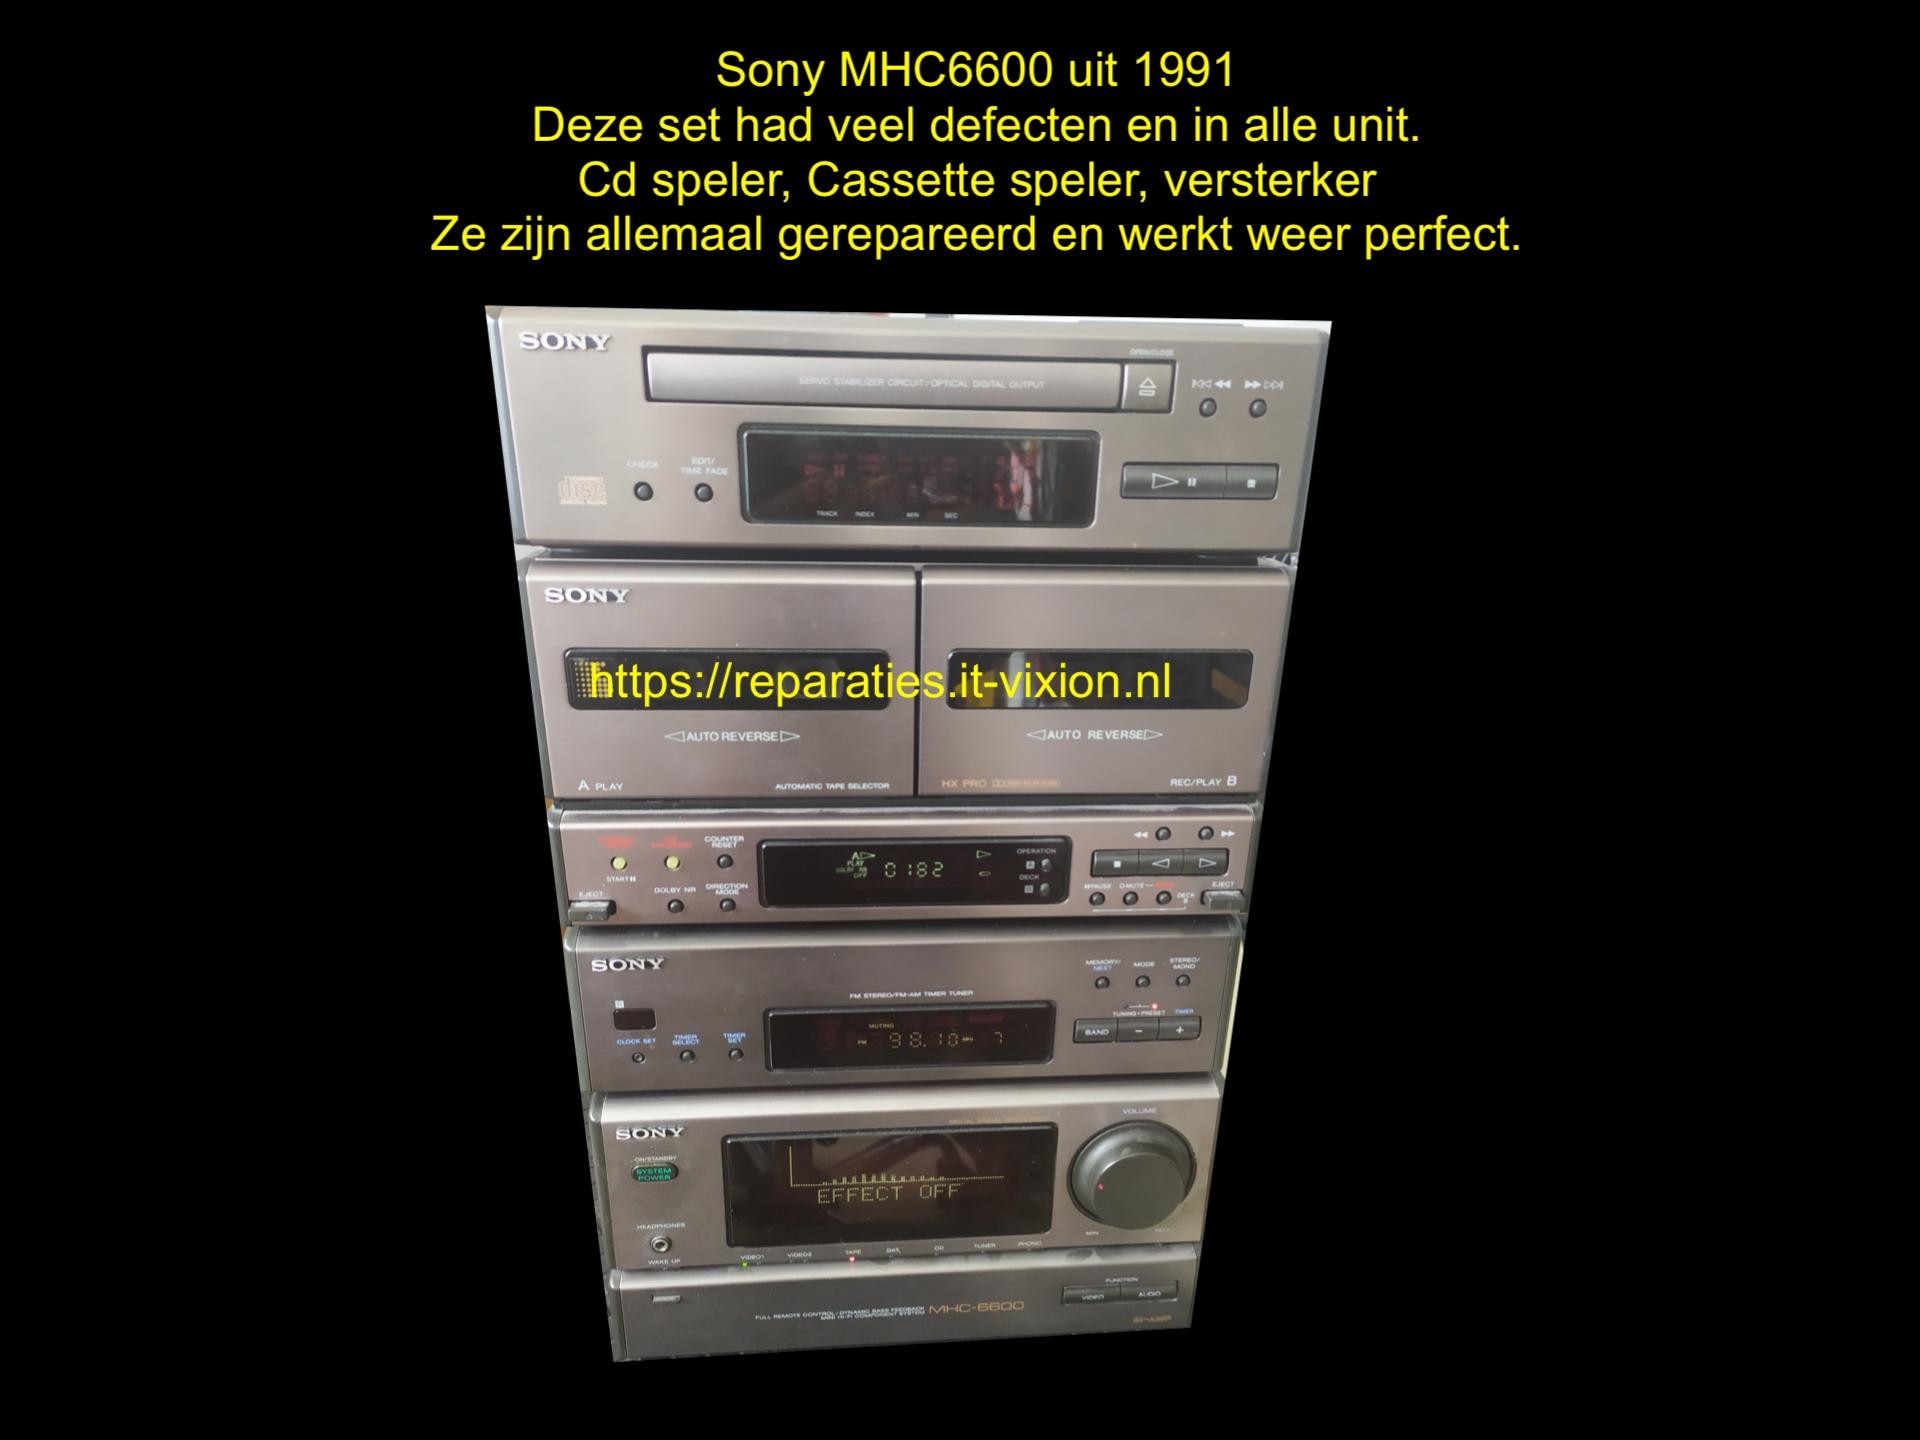 Sony MHC6600 set uit 1991